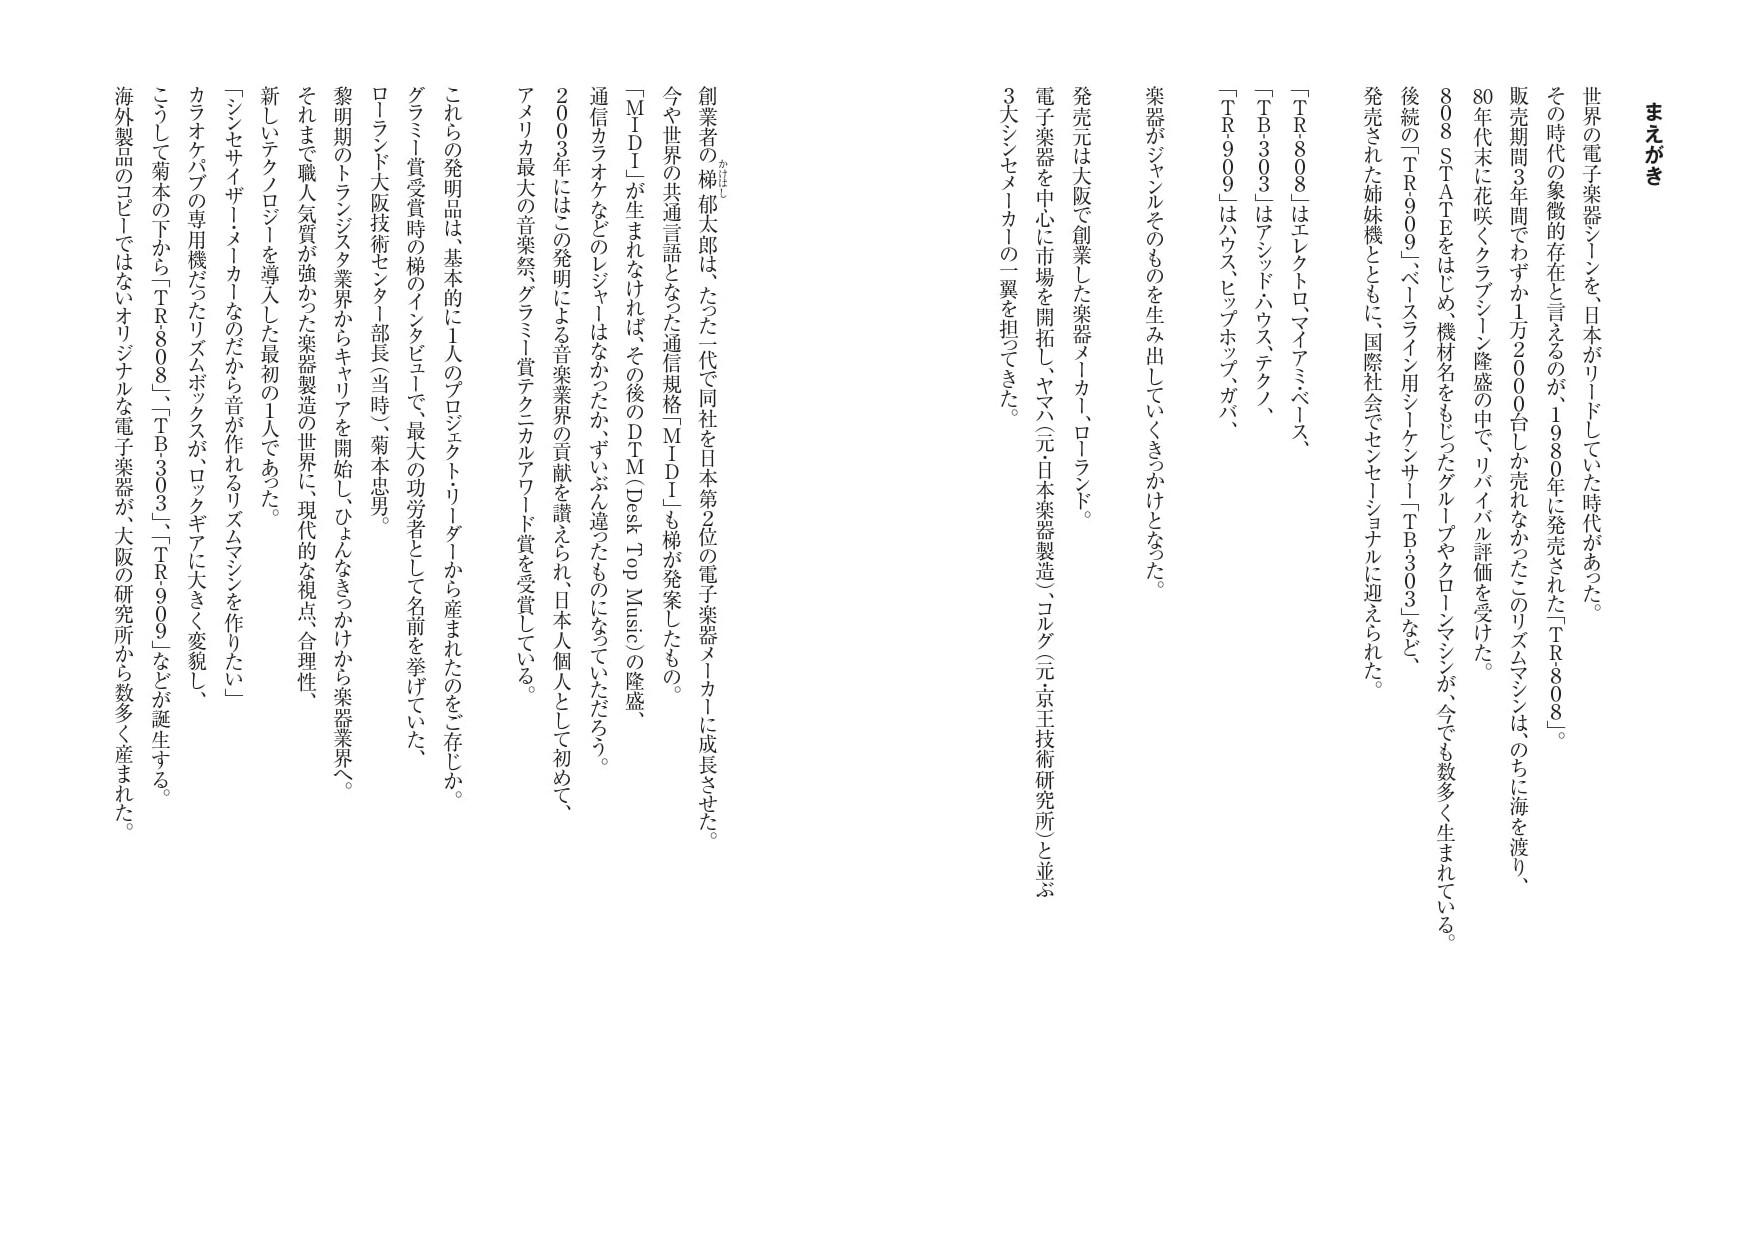 田中雄二 - TR-808<ヤオヤ>を作った神々 ──菊本忠男との対話──電子音楽 in JAPAN外伝 : BOOK gallery 0